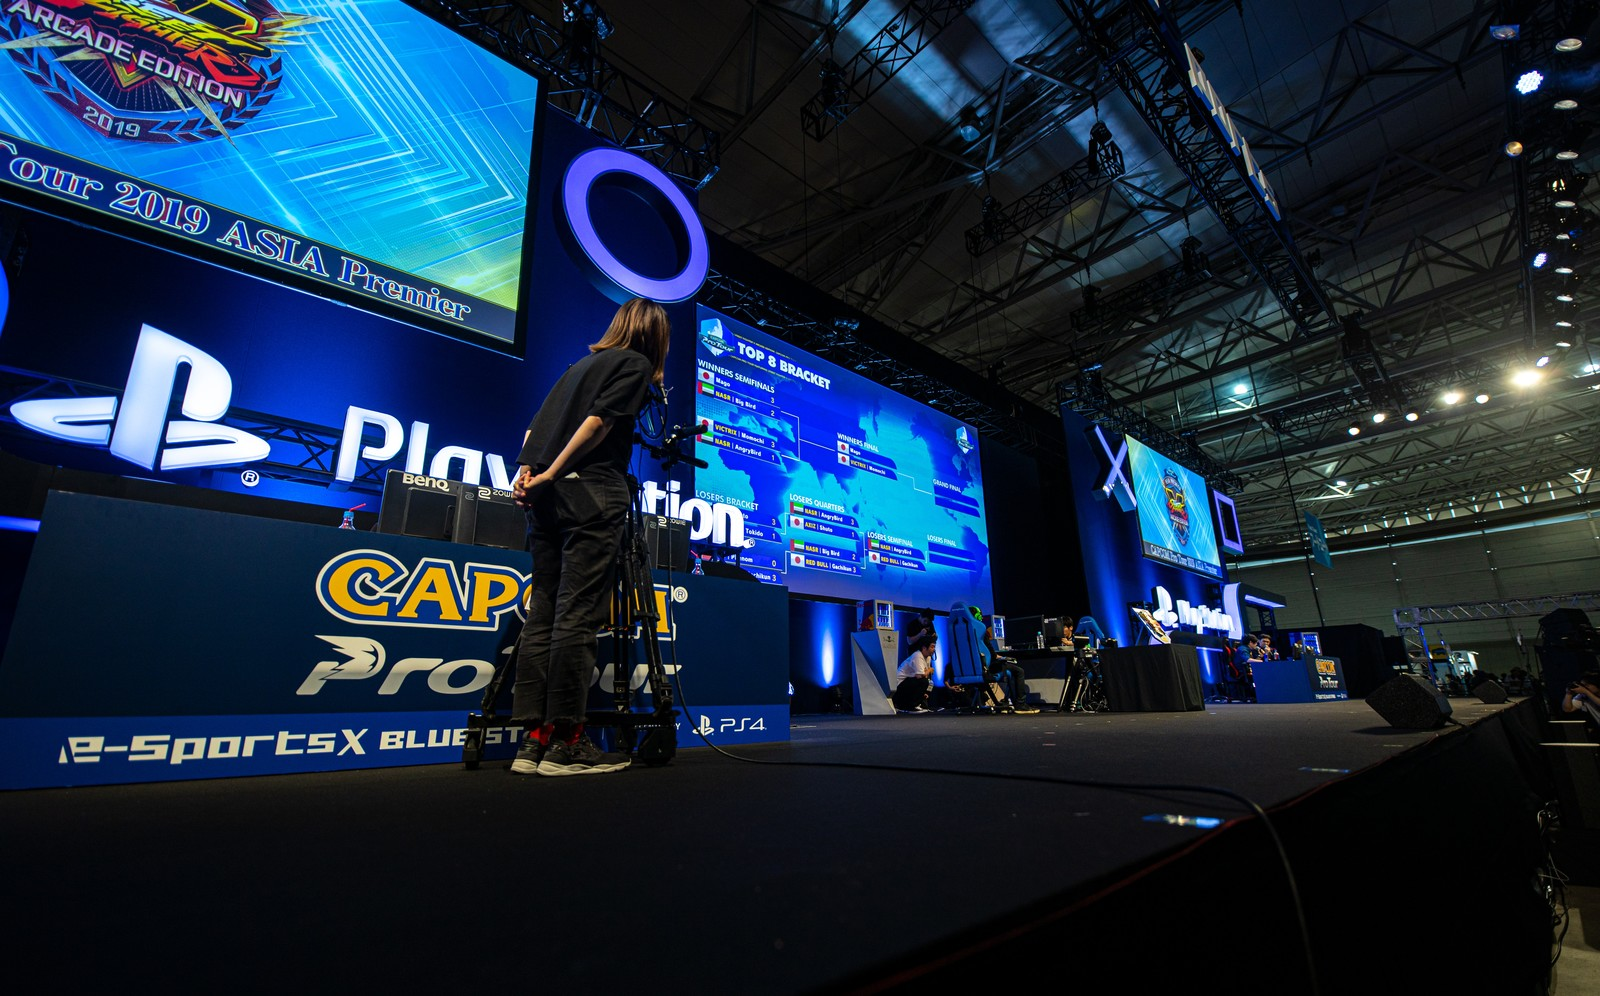 「巨大スクリーンにトーナメント進行状況が映し出される - CAPCOM Pro Tour 2019 アジアプレミア」の写真